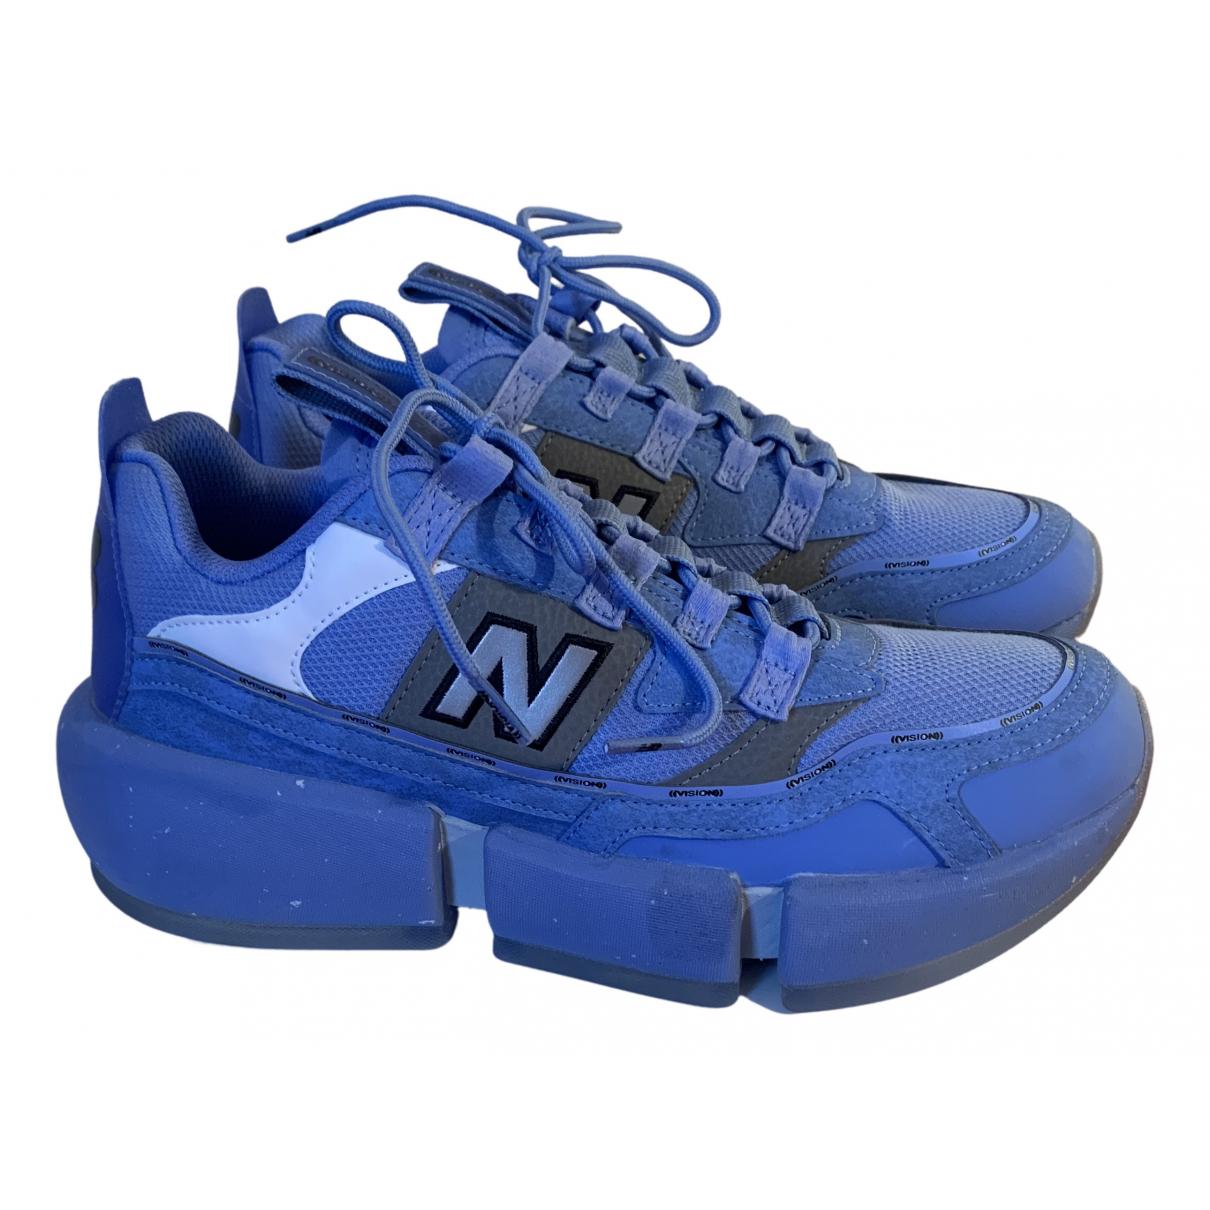 New Balance - Baskets   pour homme en autre - bleu